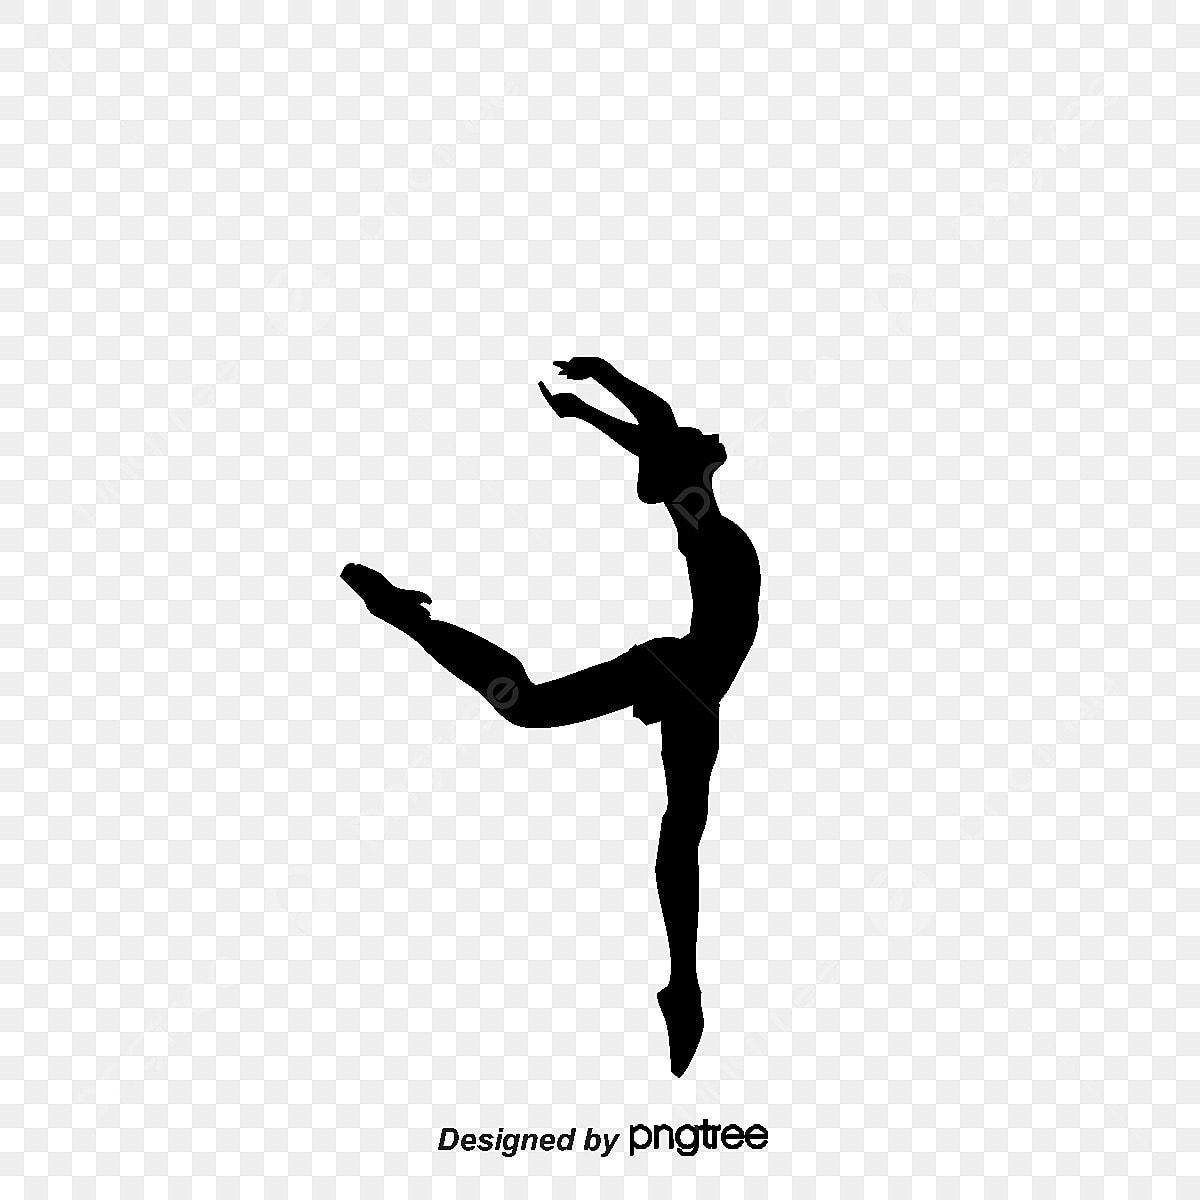 ballerine noir silhouette noir et blanc fichier png et psd pour le t u00e9l u00e9chargement libre